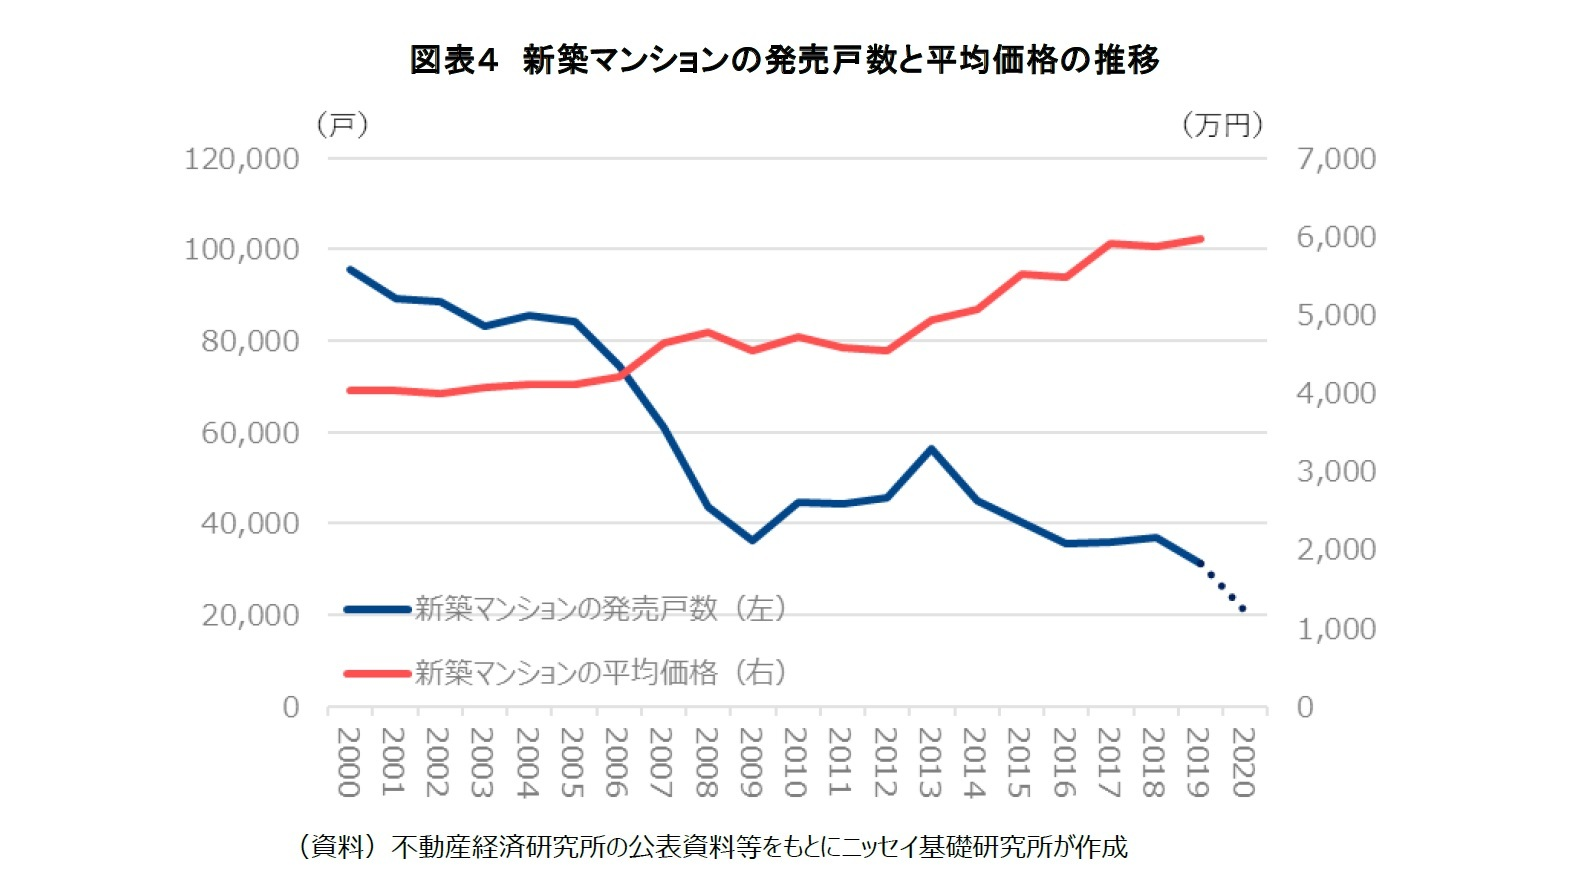 図表4 新築マンションの発売戸数と平均価格の推移